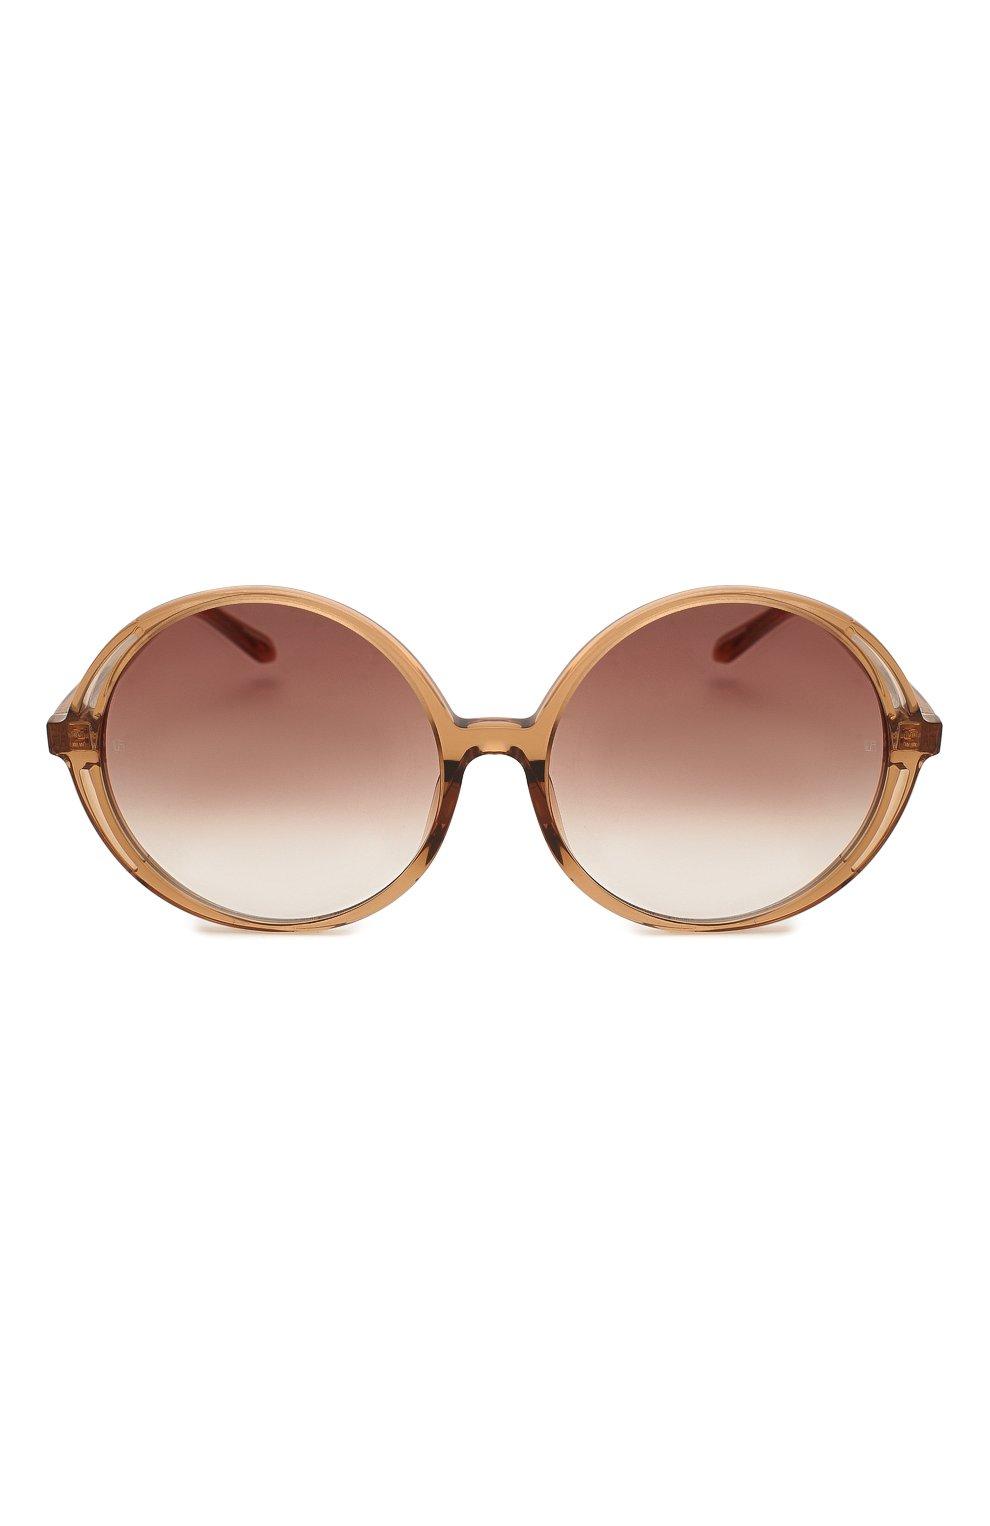 Женские солнцезащитные очки LINDA FARROW коричневого цвета, арт. LFL989C2 SUN | Фото 3